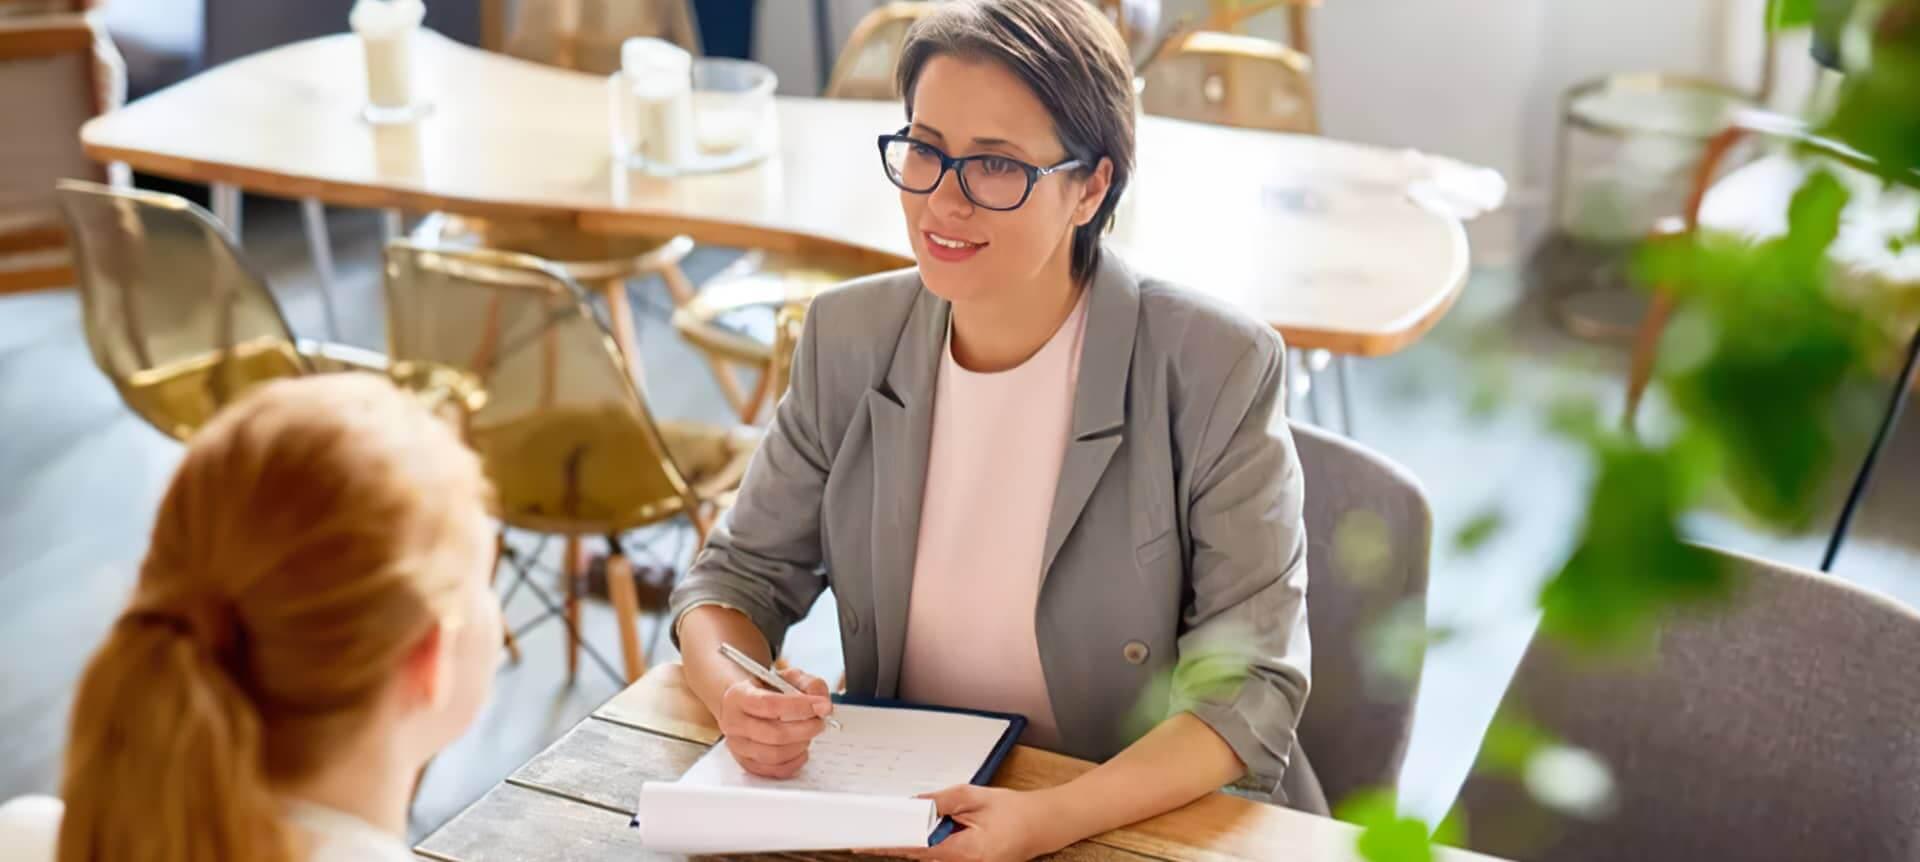 A female recruiter interviewing a female candidate